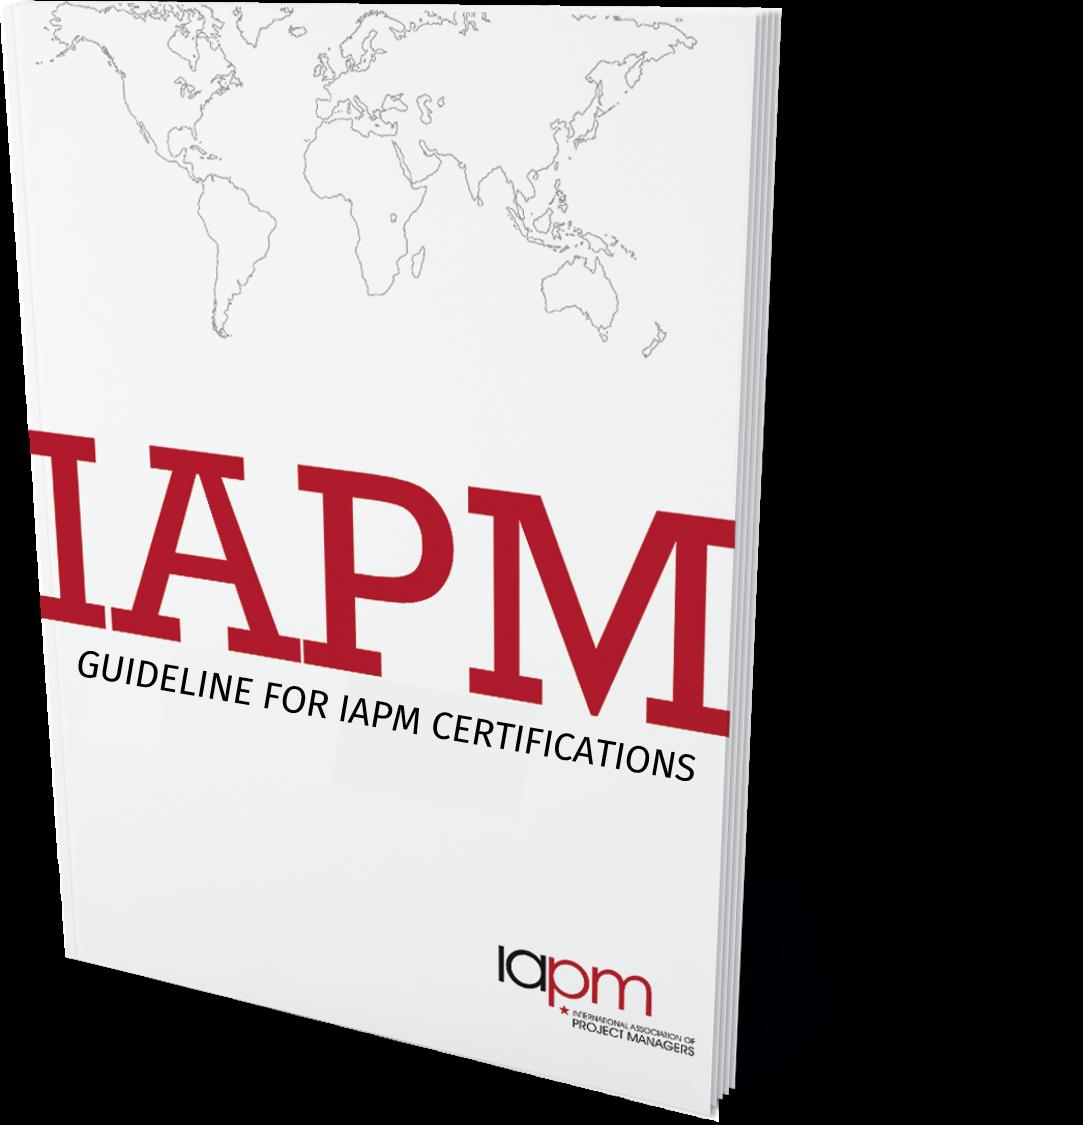 Zertifizierungsleitfaden der IAPM: Wie ist der Ablauf einer IAPM Zertifizierung?